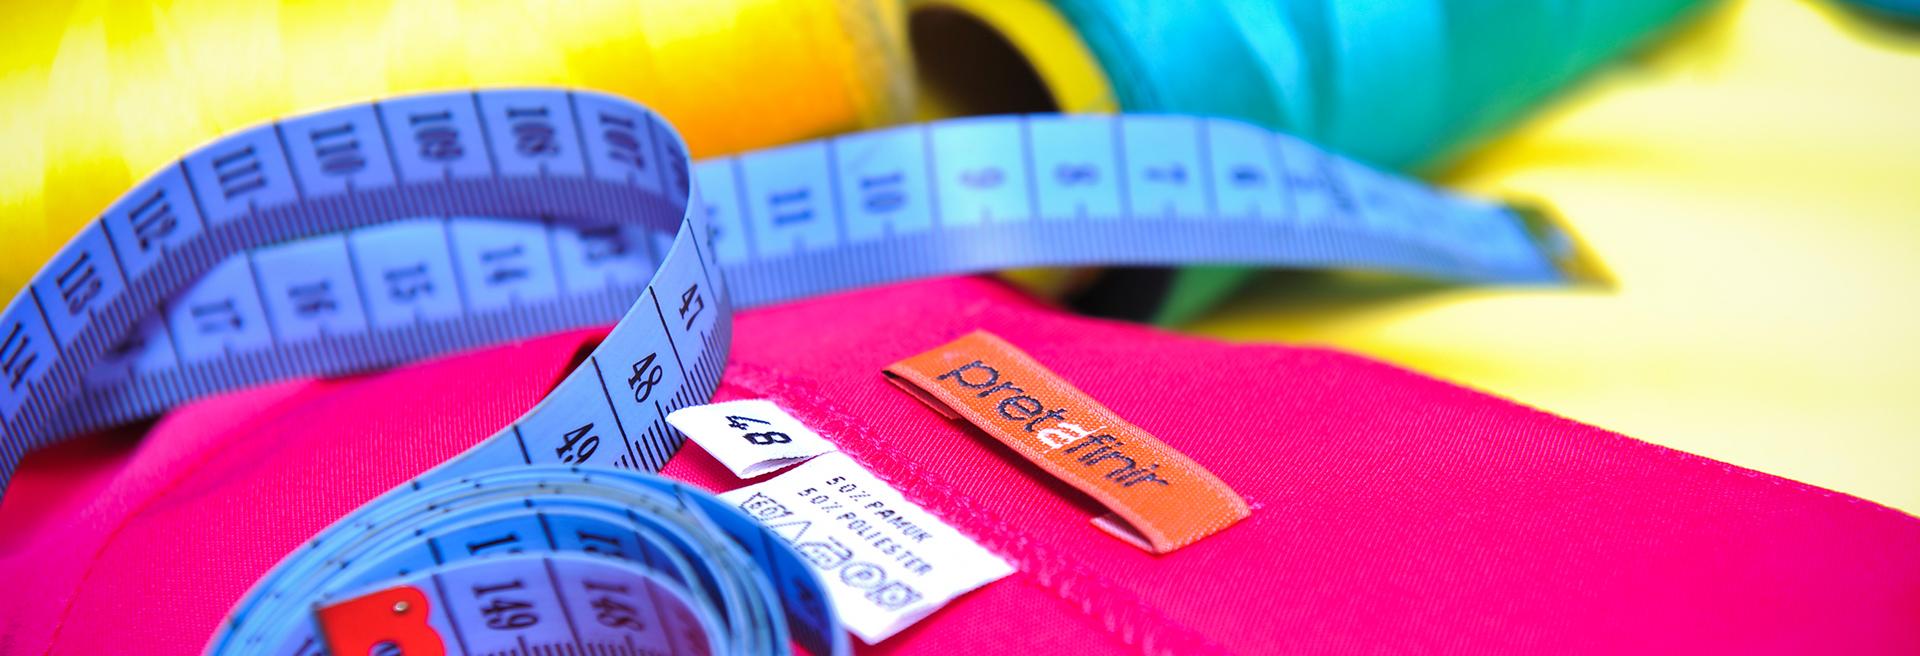 PRET-A-FINIR radna odjeća